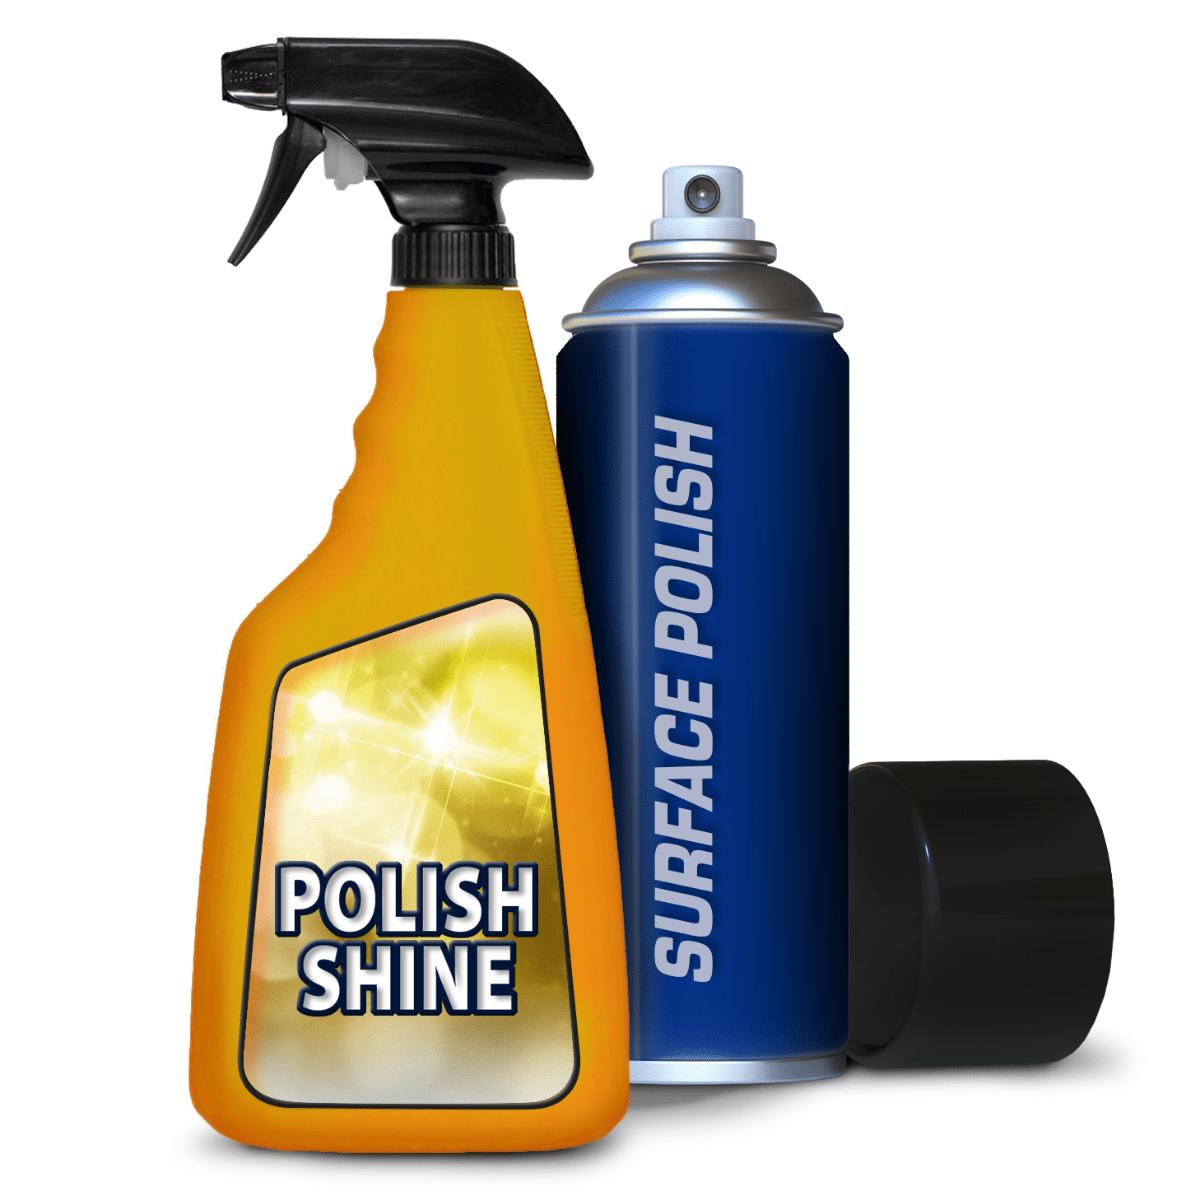 spray polish